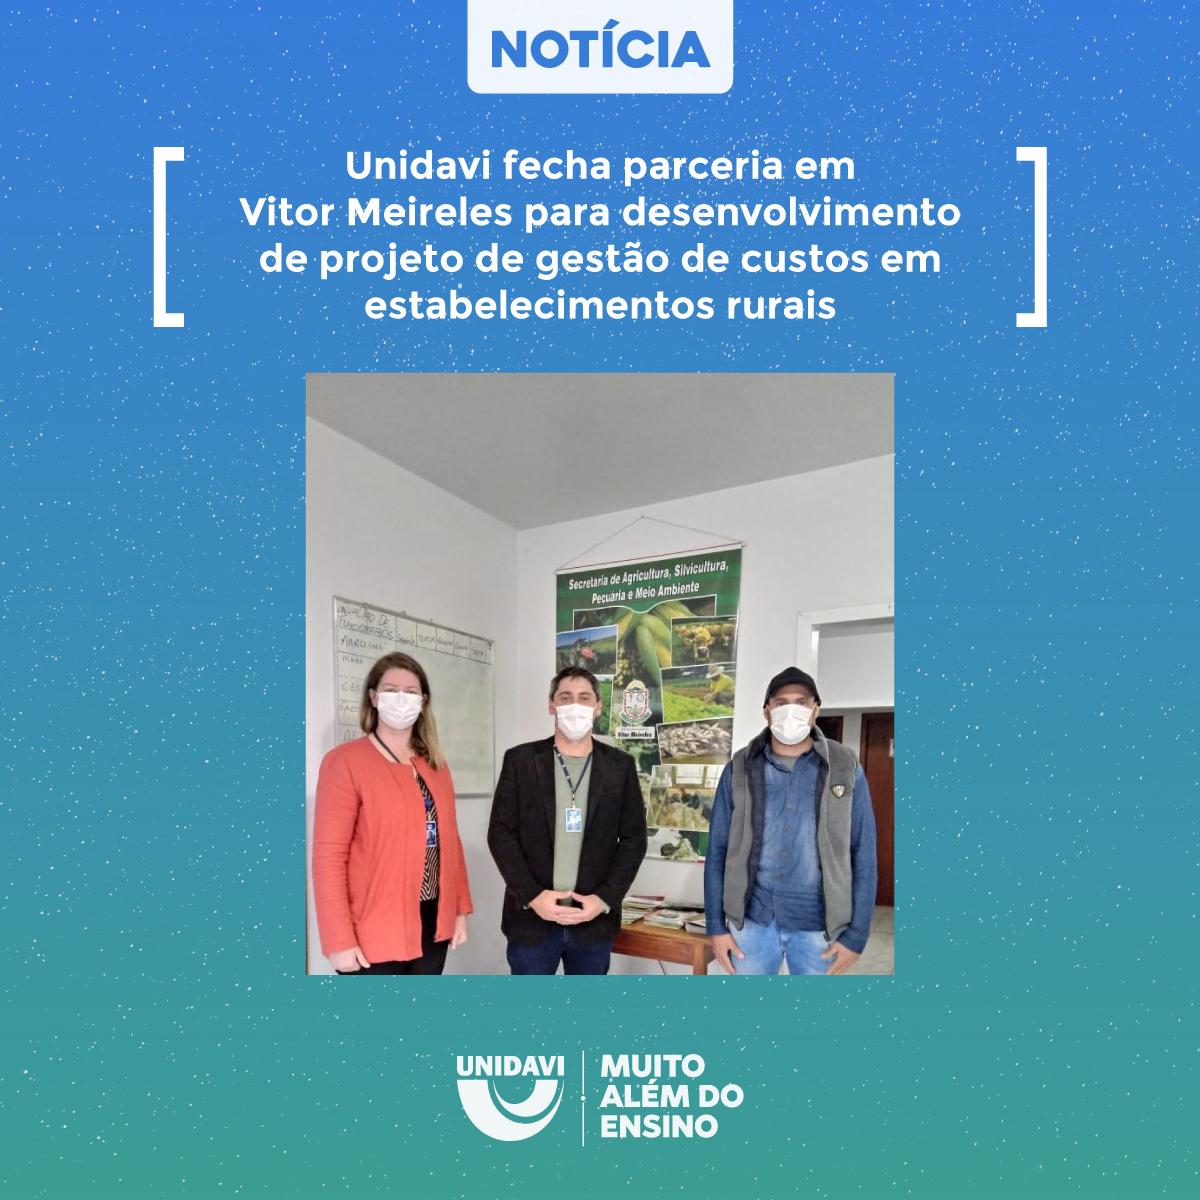 Unidavi fecha parceria em Vitor Meireles para desenvolvimento de projeto de gestão de custos em estabelecimentos rurais